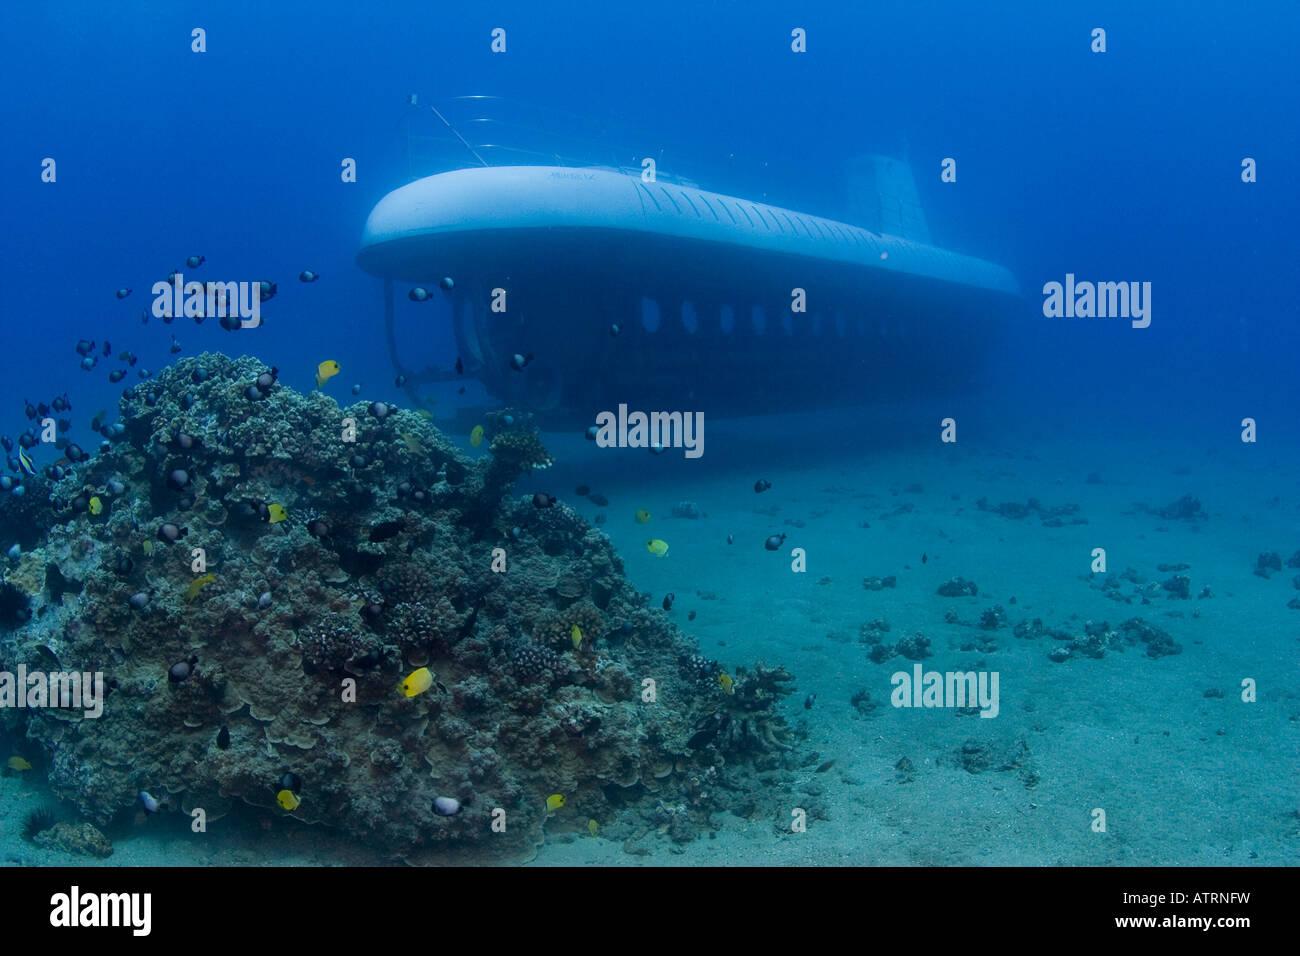 Este submarino Atlantis está explorando un pequeño arrecife de la costa de Maui, Hawaii. Imagen De Stock